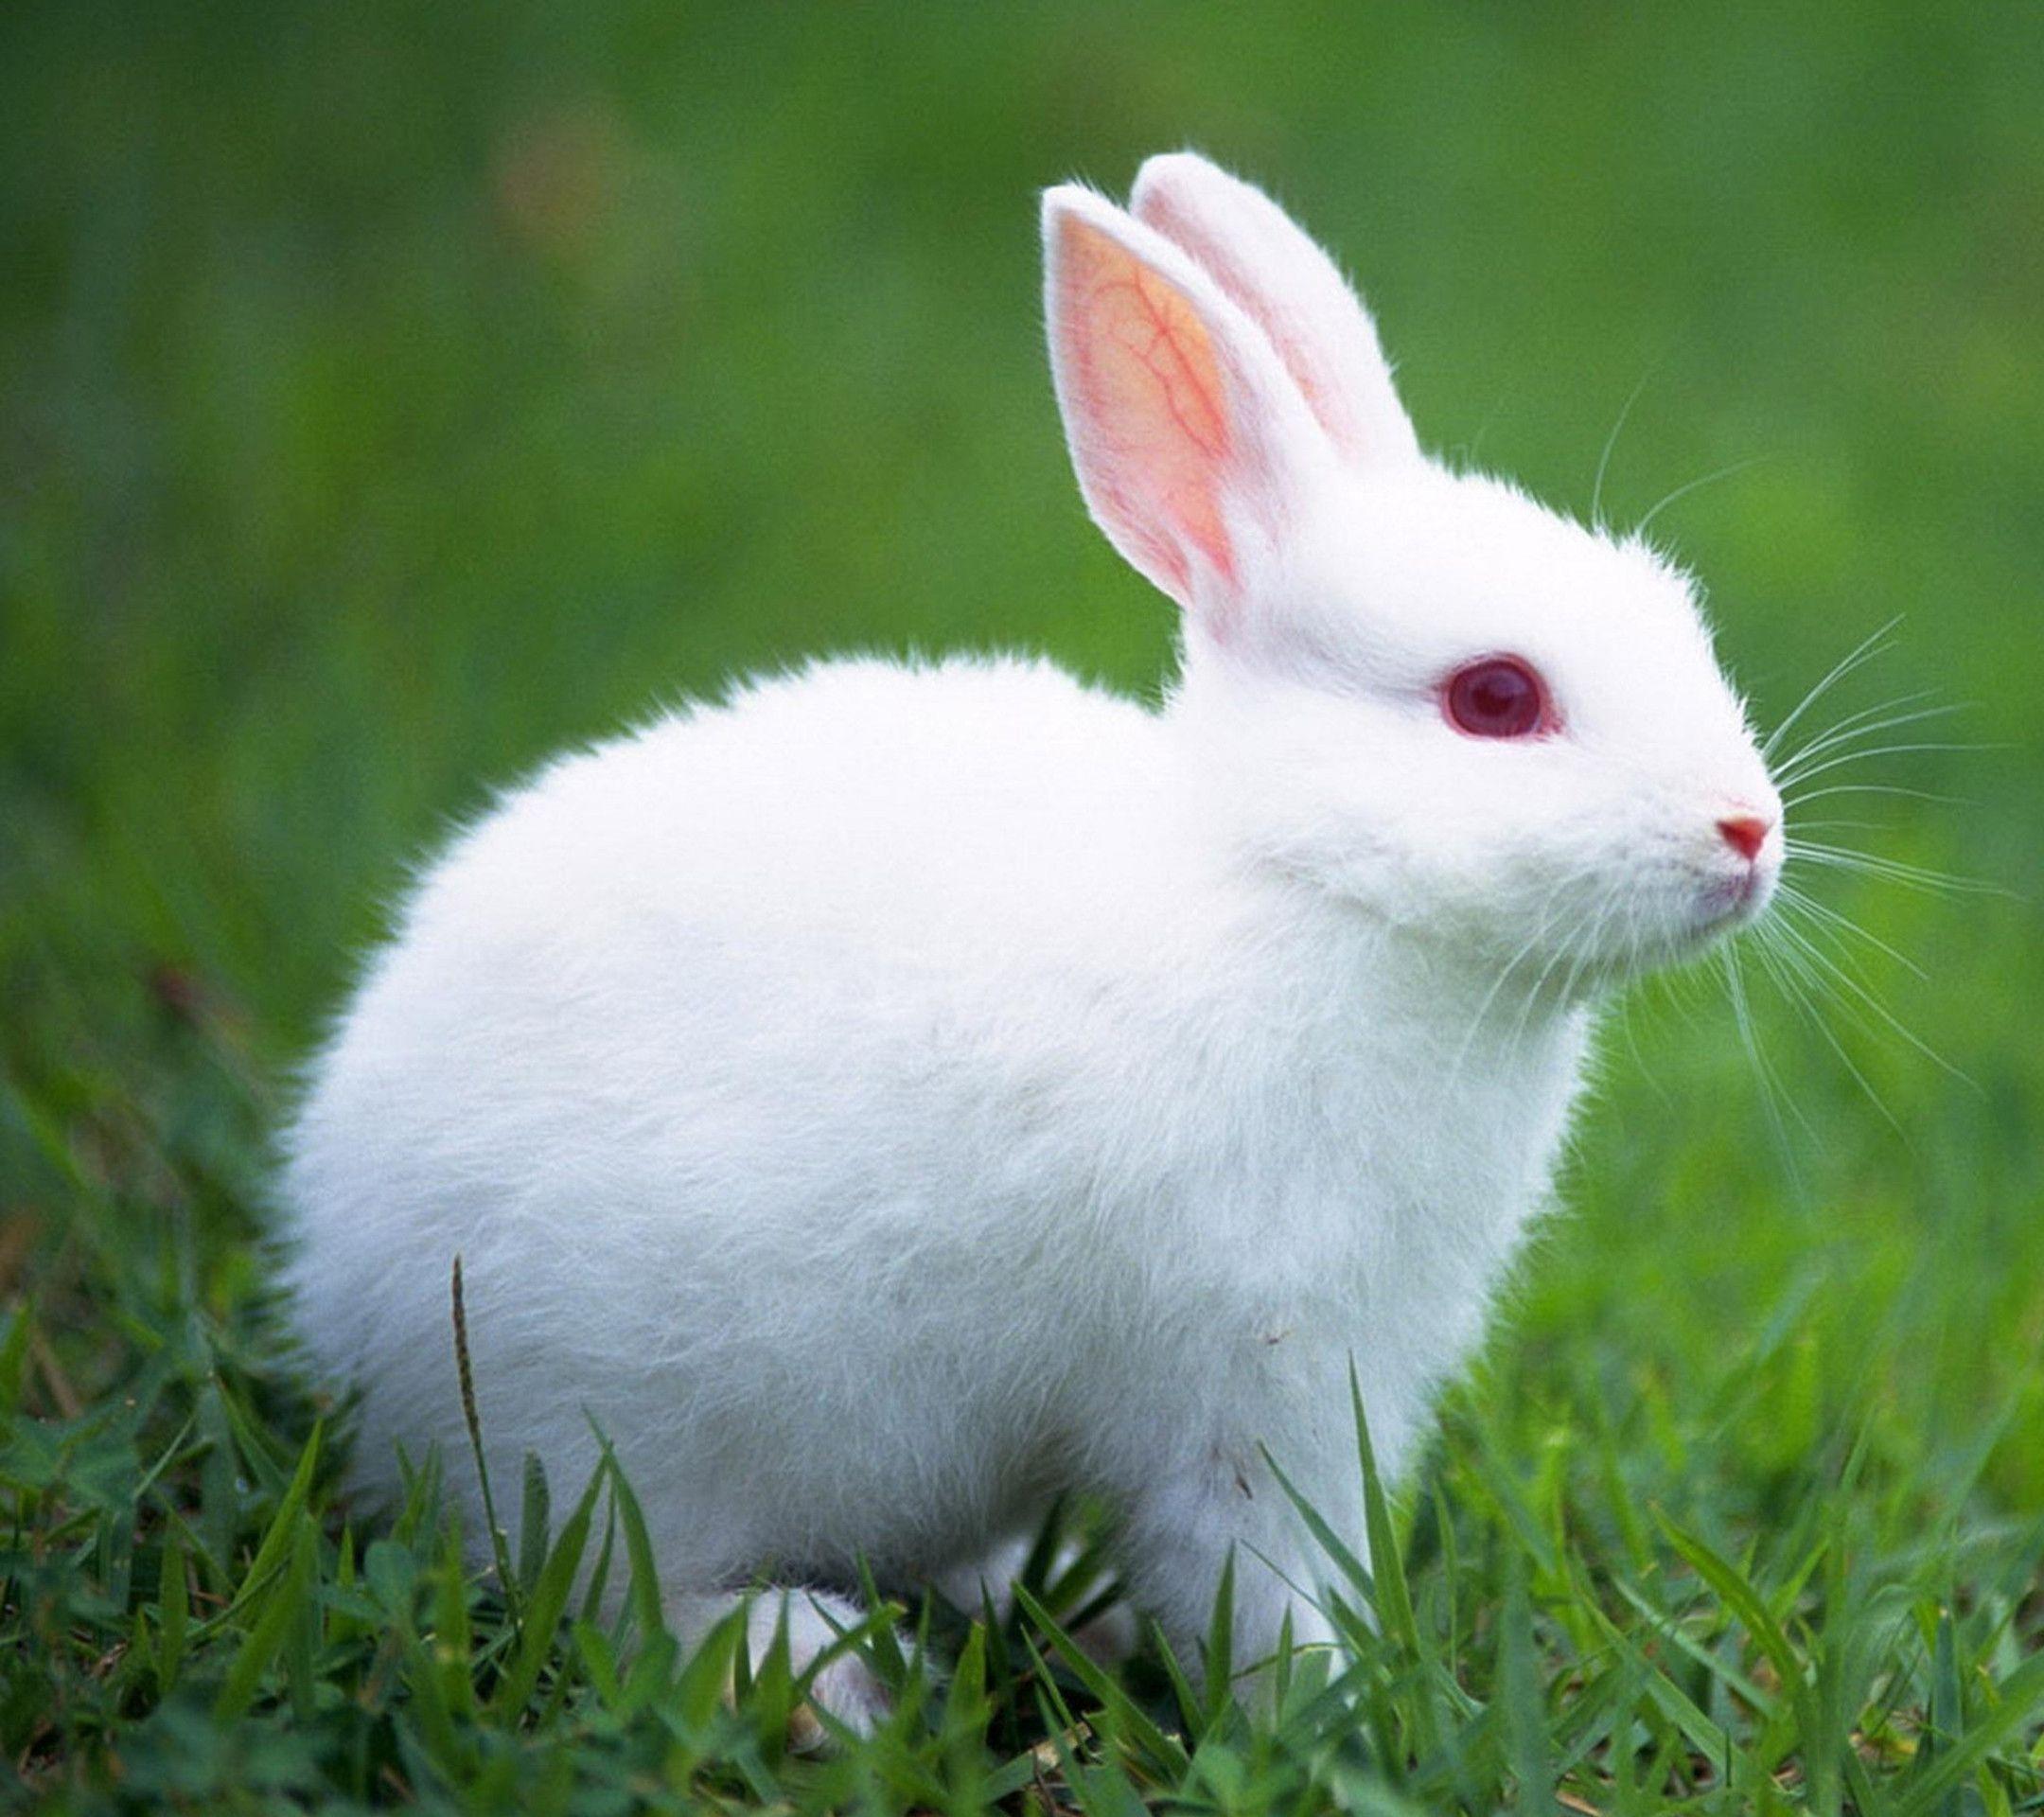 Толкование снов по Миллеру: белый кролик – символ супружеской верности